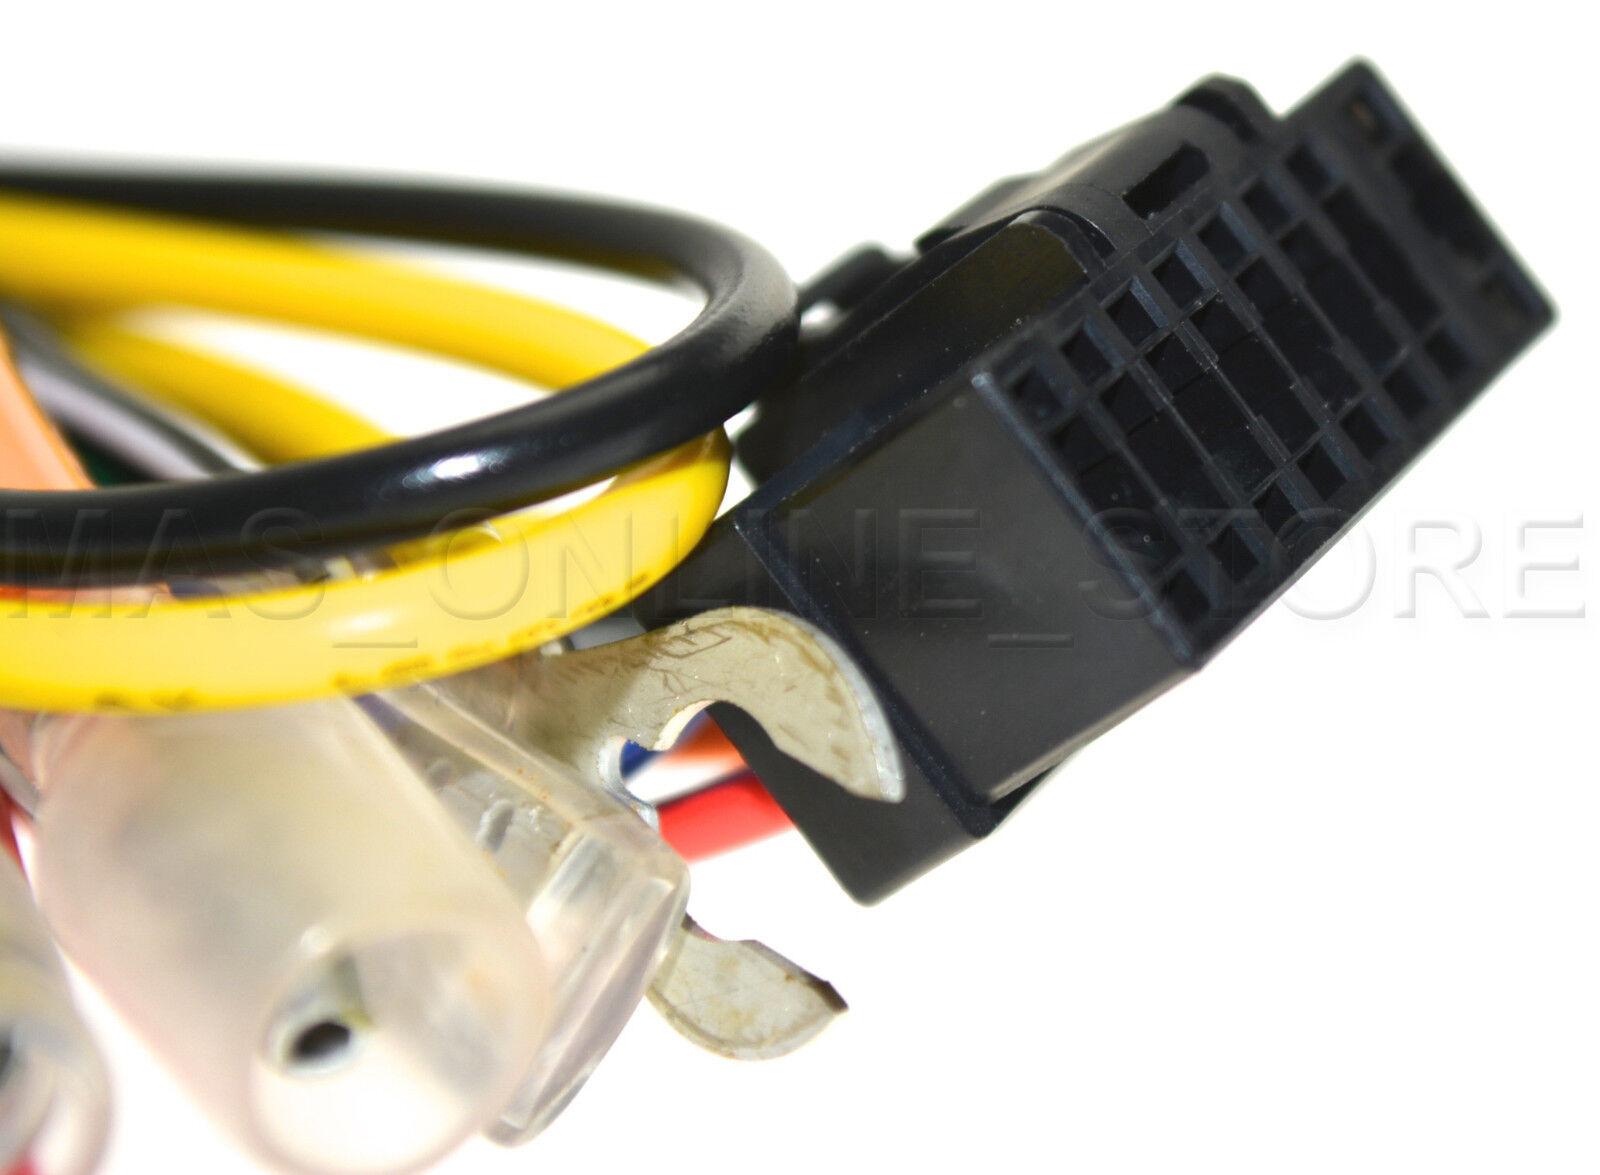 2 of 3 Alpine Cda-9813 Cda9813 Genuine Wire Harness * Pay Today Ships Today*